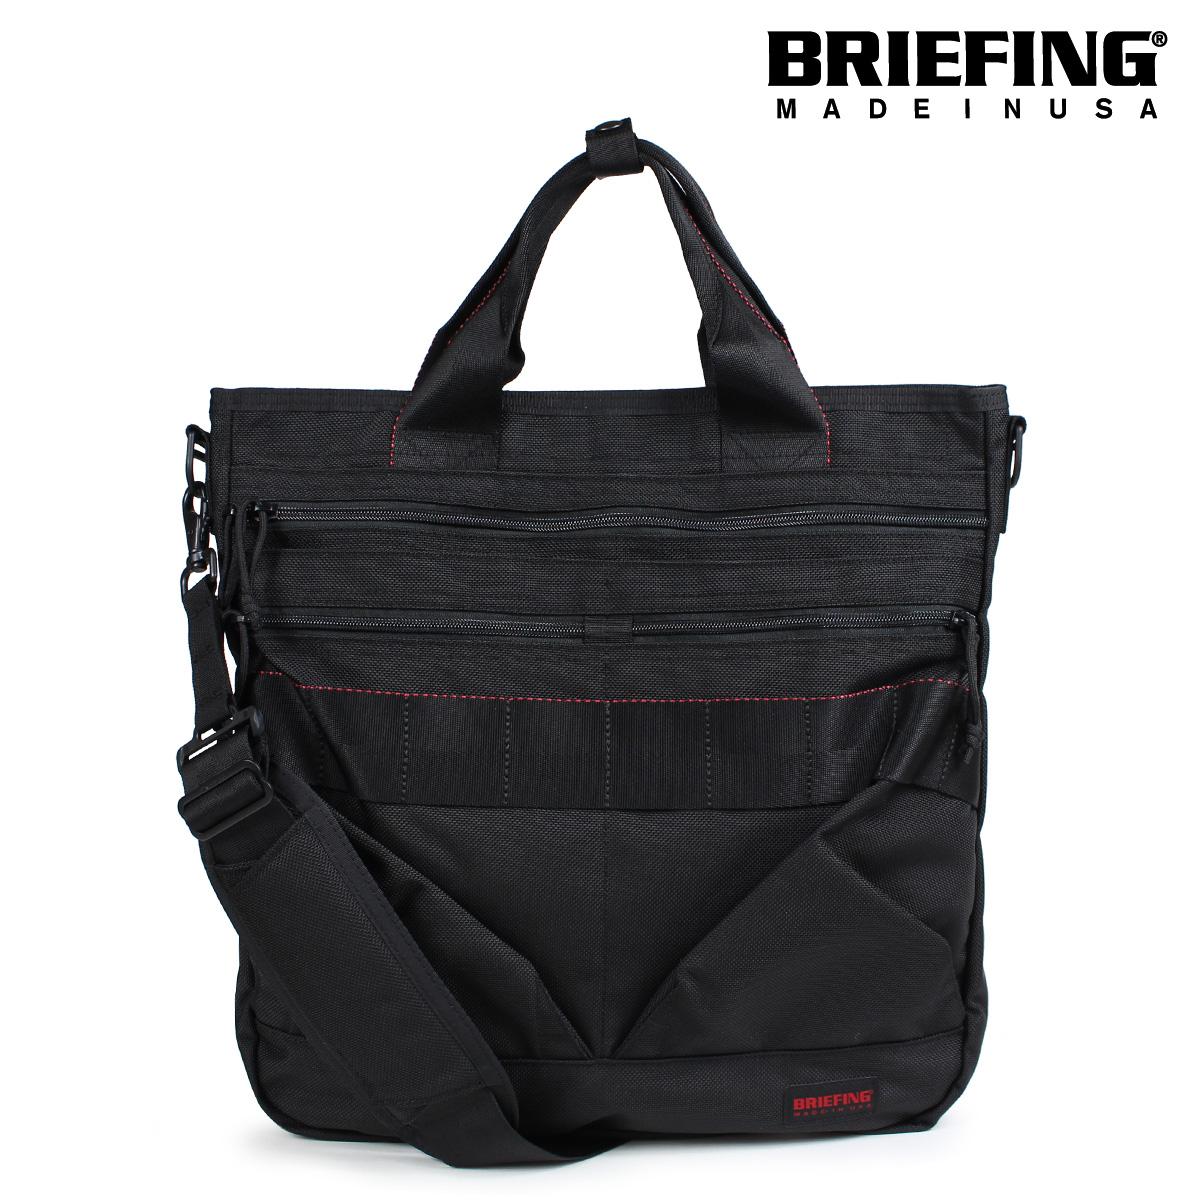 BRIEFING ブリーフィング バッグ トート ショルダーバッグ メンズ NEO STEALTH M ブラック BRF401219